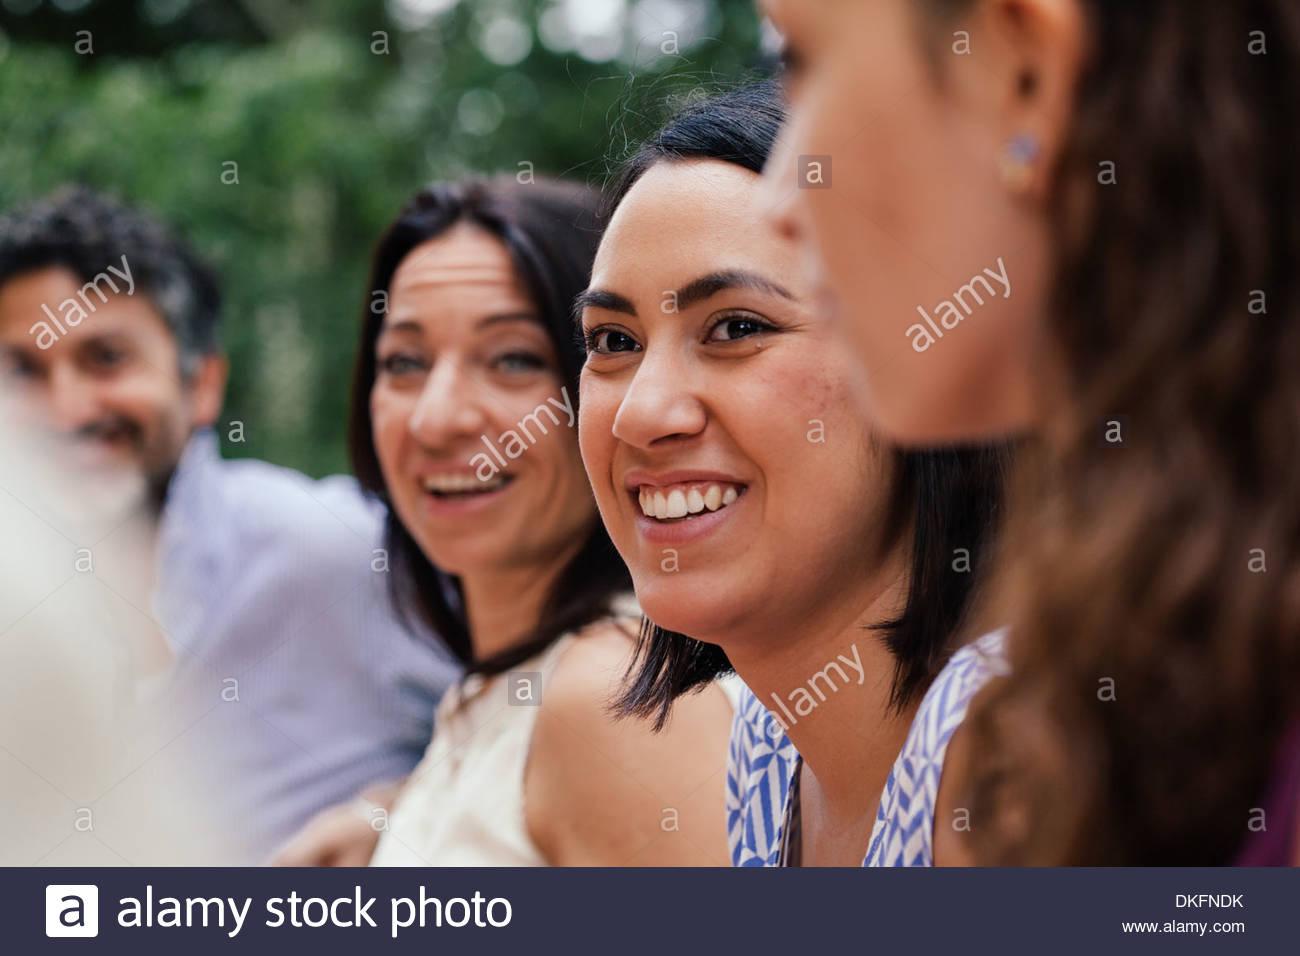 Mujer joven entre los miembros de la familia Imagen De Stock